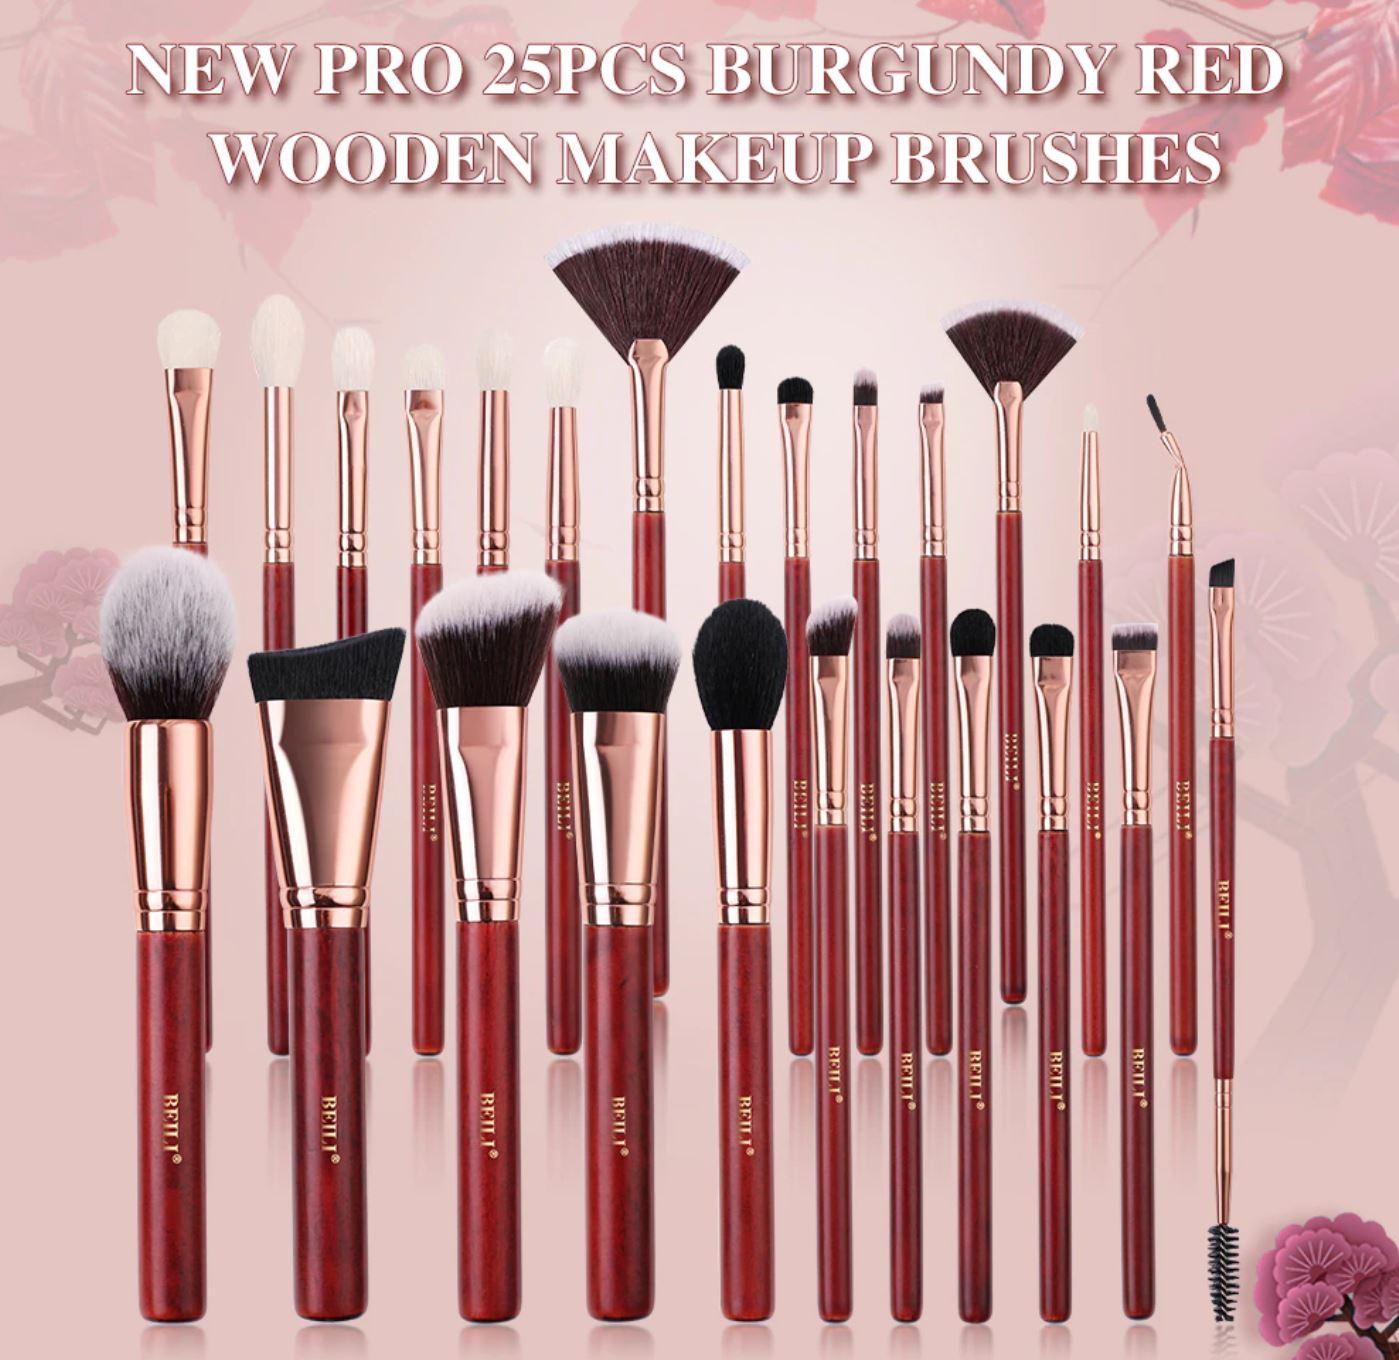 Produkty do pielęgnacji ciała z Aliexpress - sprawdź co warto kupić w promocji - pędzle do makijażu Beili - PRO